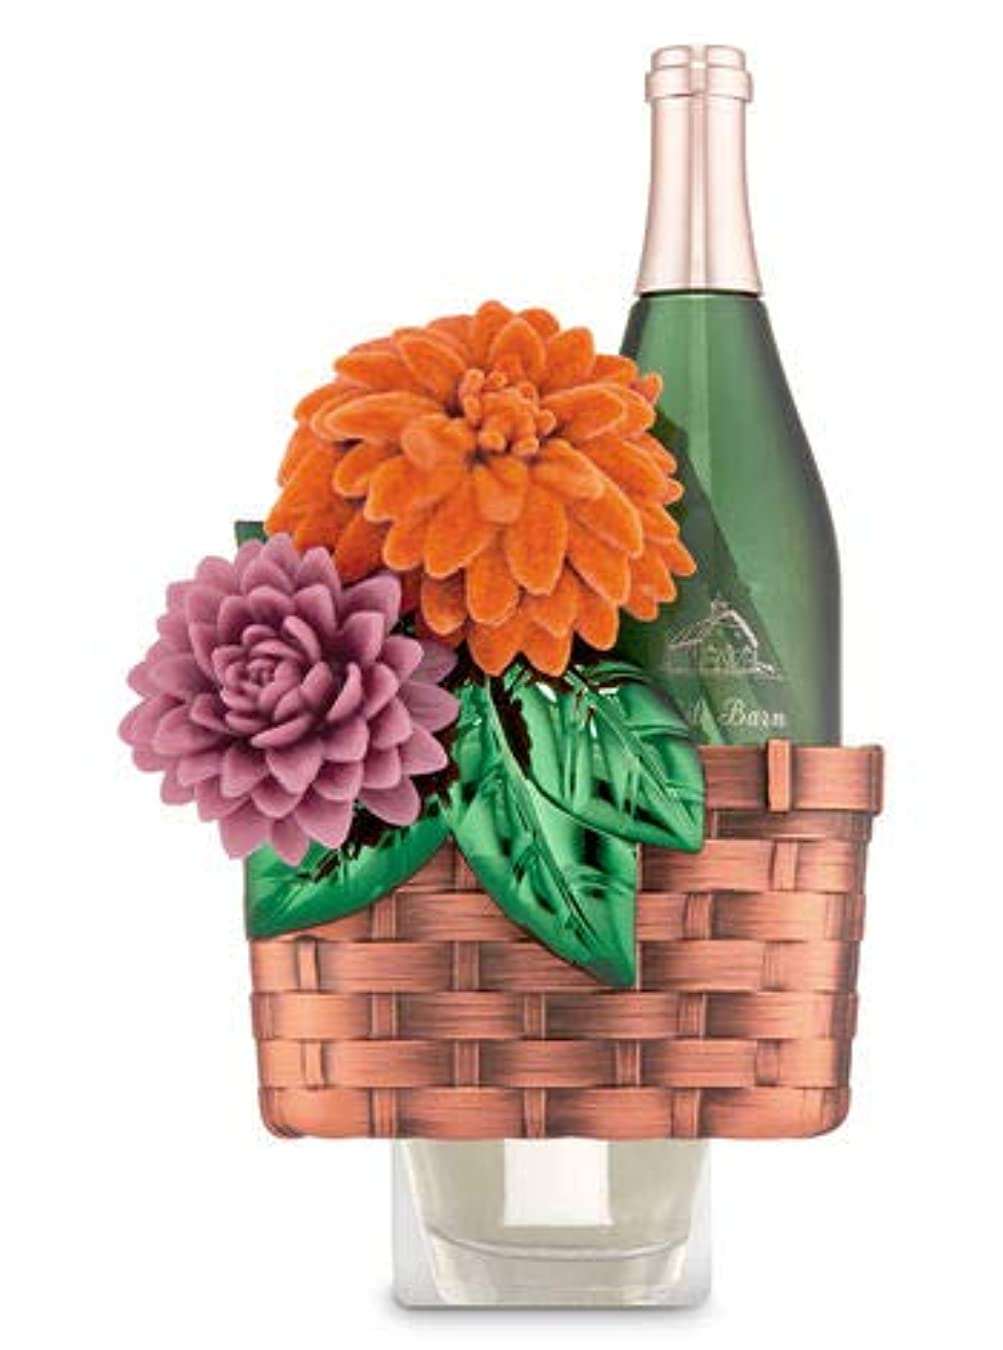 華氏同情的クマノミ【Bath&Body Works/バス&ボディワークス】 ルームフレグランス プラグインスターター (本体のみ) ワインバスケット Wallflowers Fragrance Plug Wine Basket [並行輸入品]